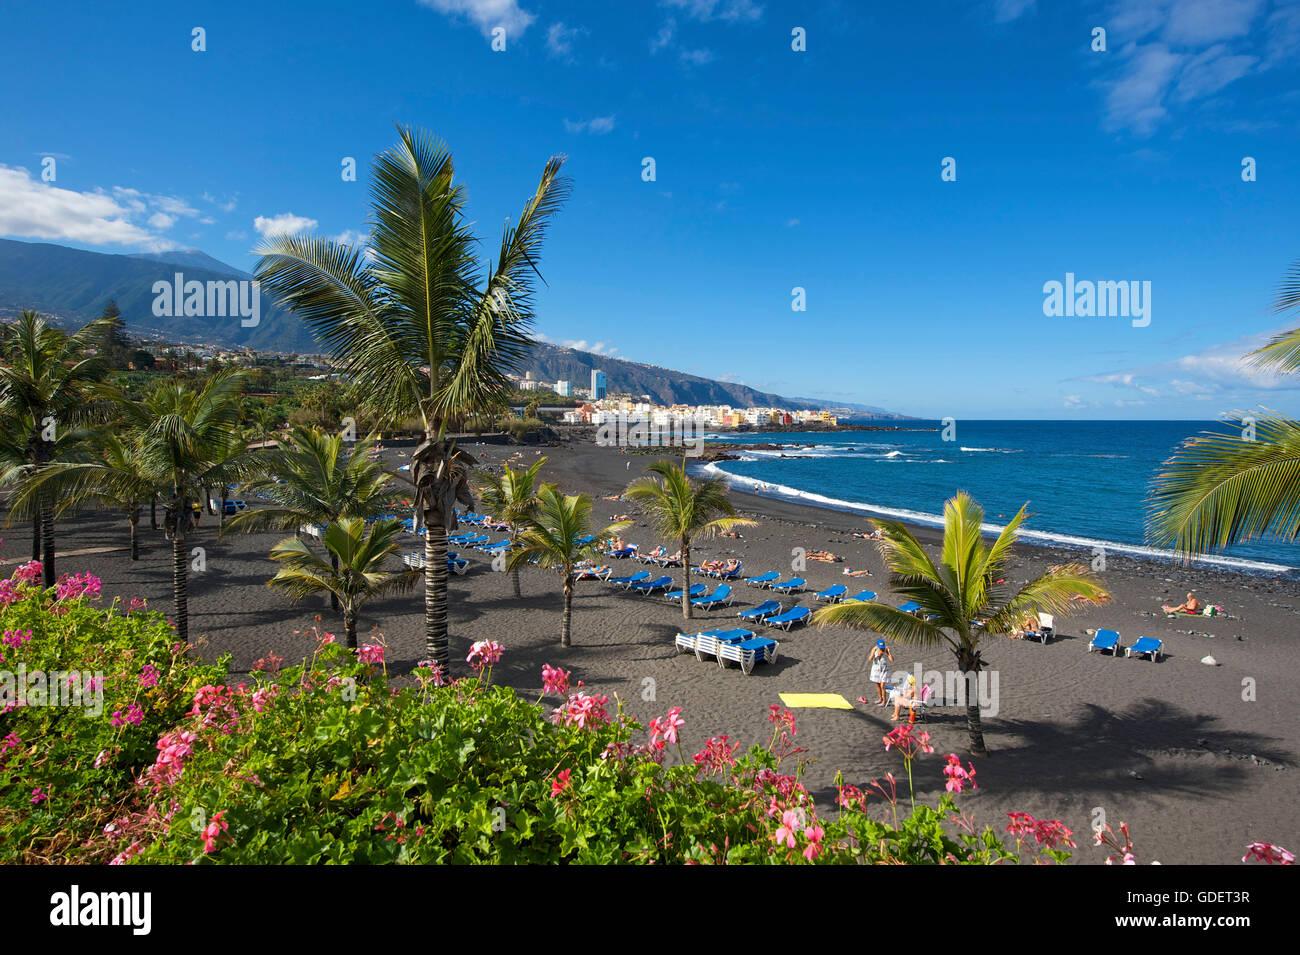 Playa jardin in puerto de la cruz tenerife canary - Playa jardin puerto de la cruz tenerife ...